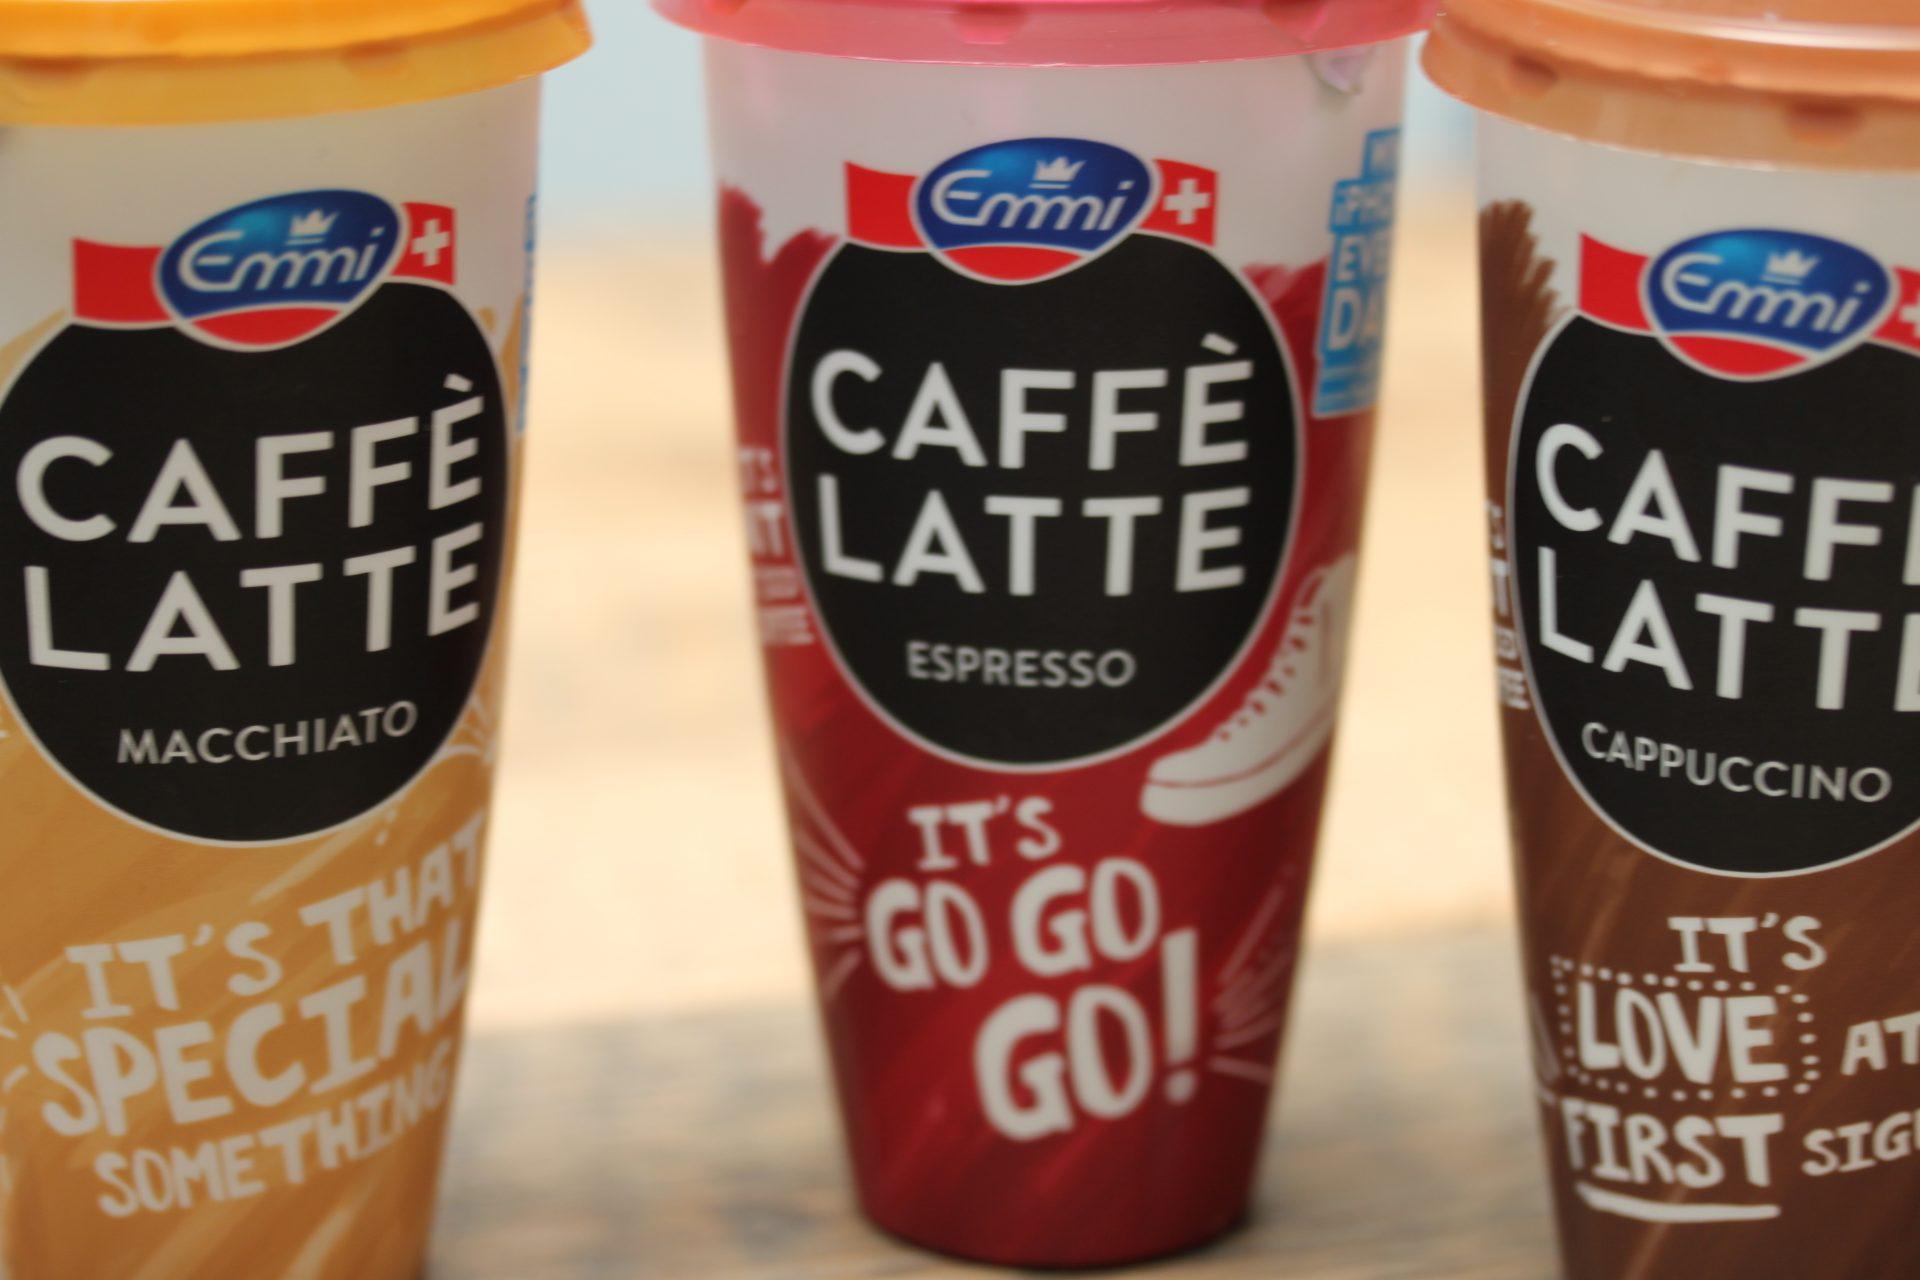 ijskoffie Caffe latte emmi getest foodblog Foodinista